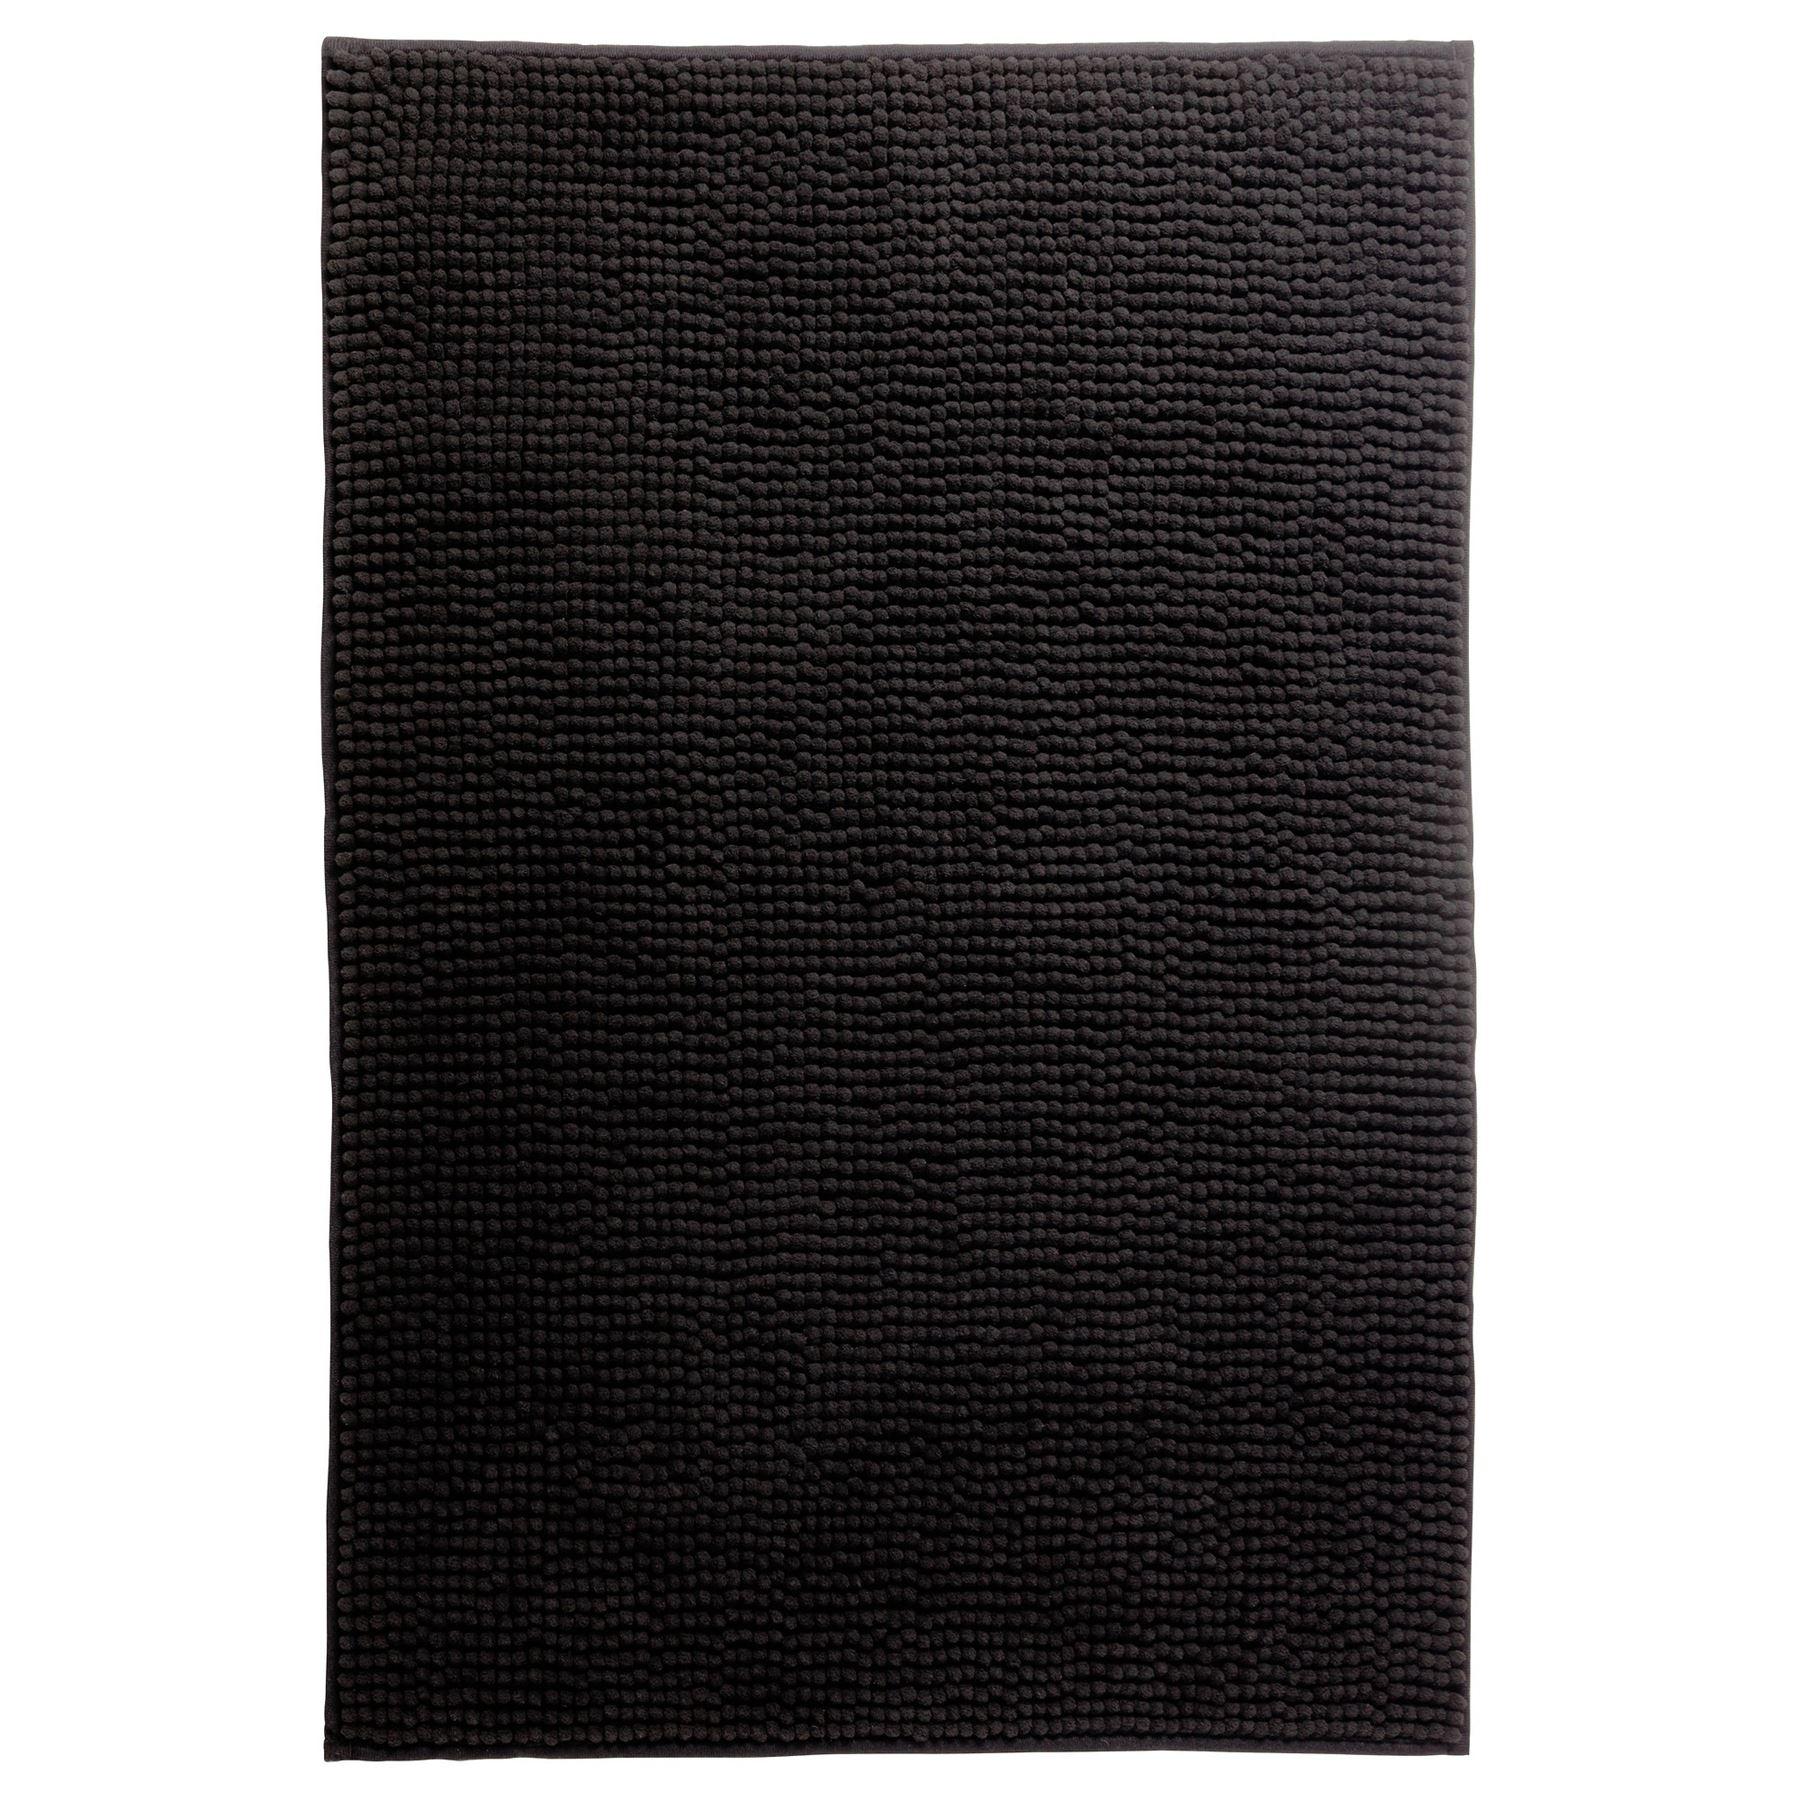 tappeto-da-bagno-camera-ingresso-cucina-a-pelo-corto-materiale-in-micro-fibra miniatura 55